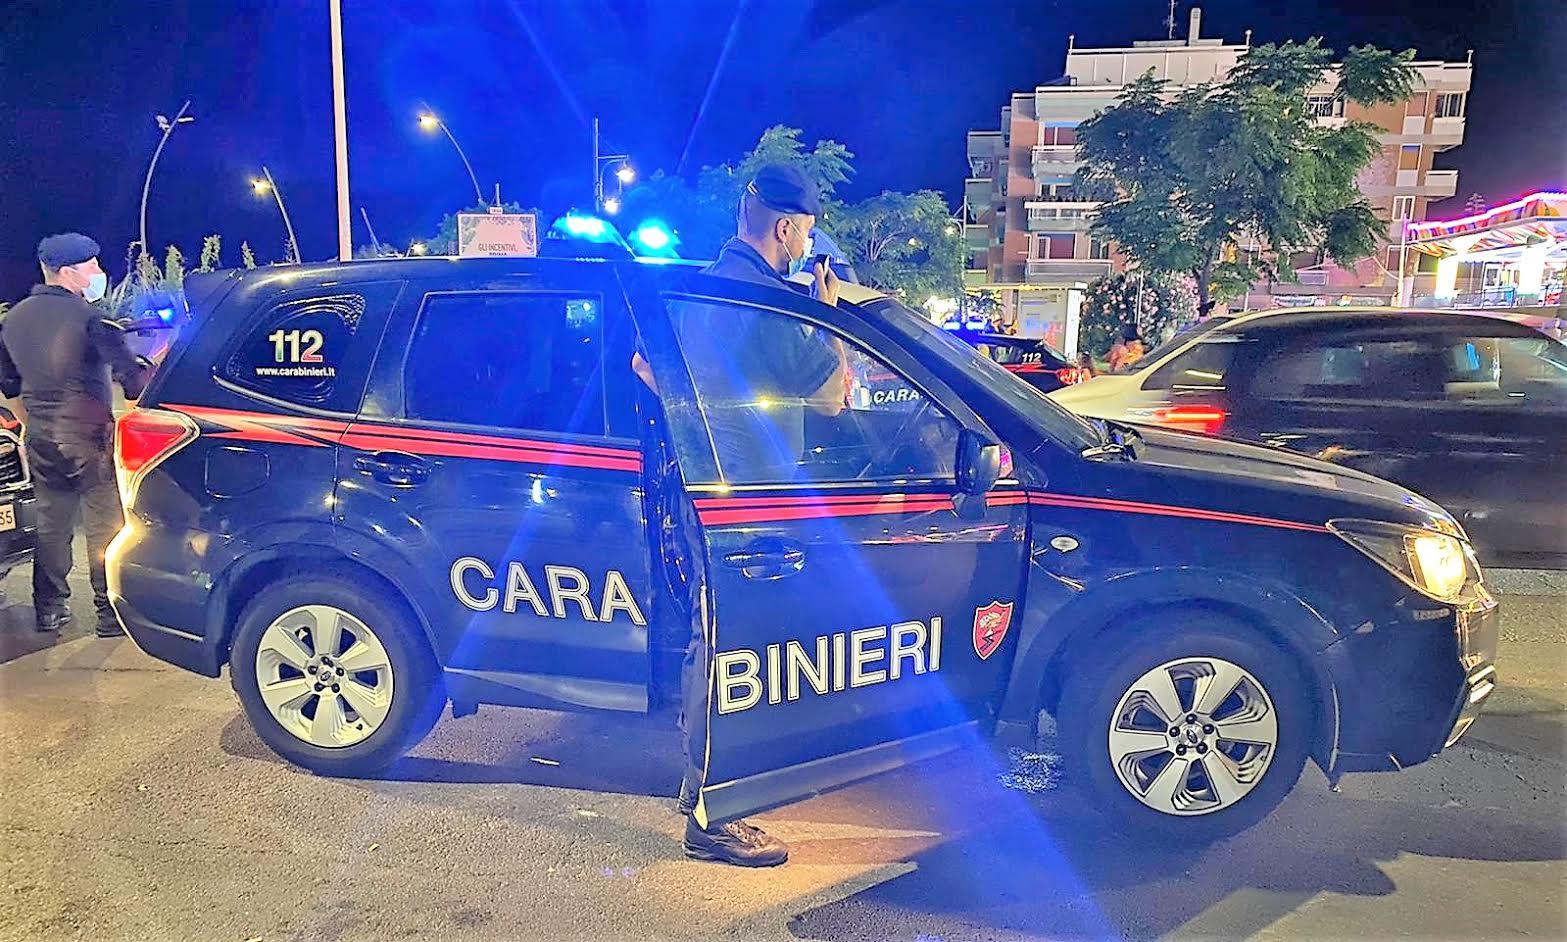 Dalle giostre ai locali, controlli per prevenire il contagio al Lungomare di Catania: i risultati e i dettagli